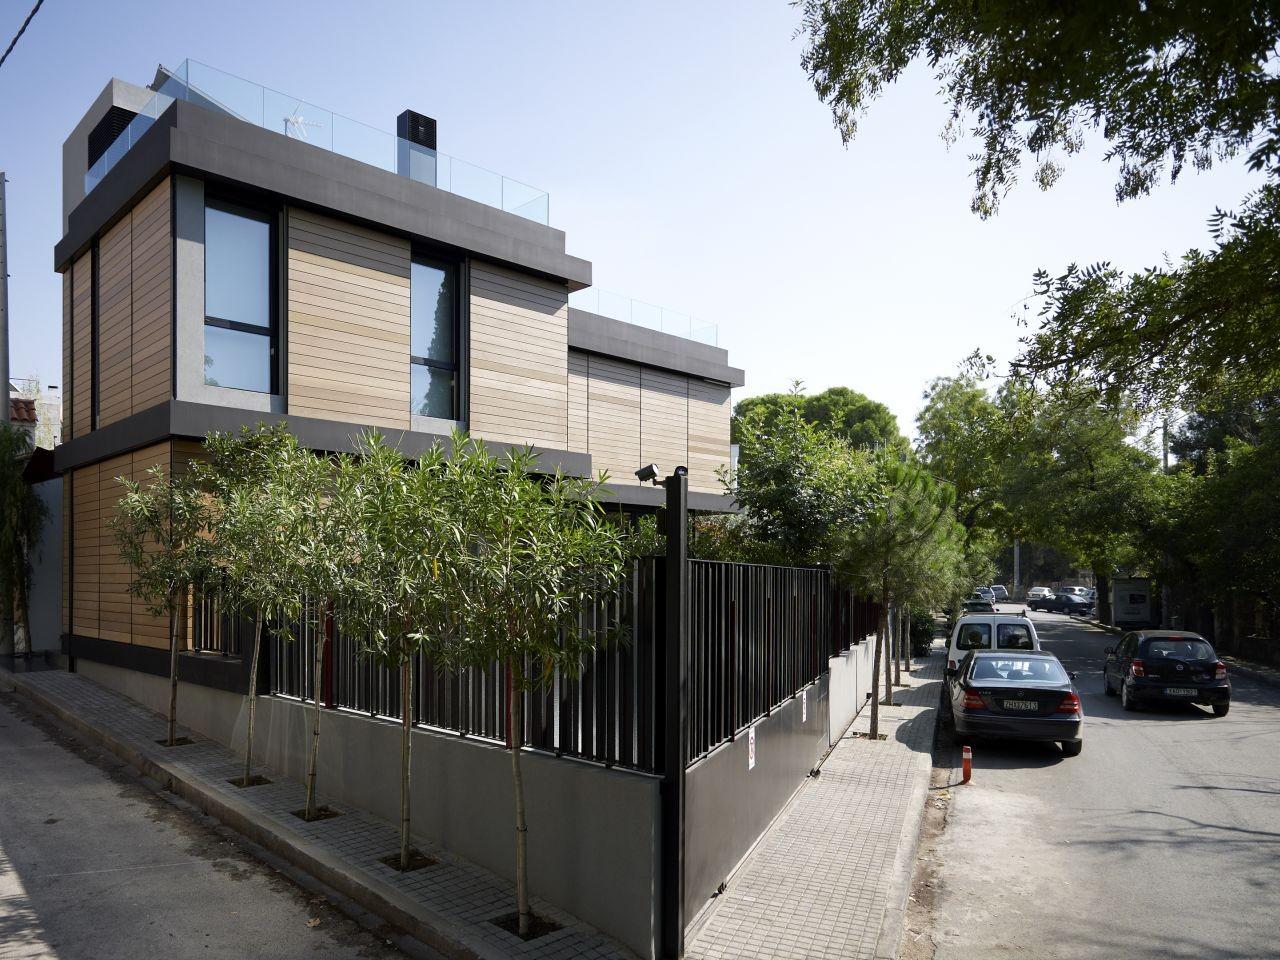 Single Family House in Kifisia / Spacelab Architects, © Vaggelis Paterakis